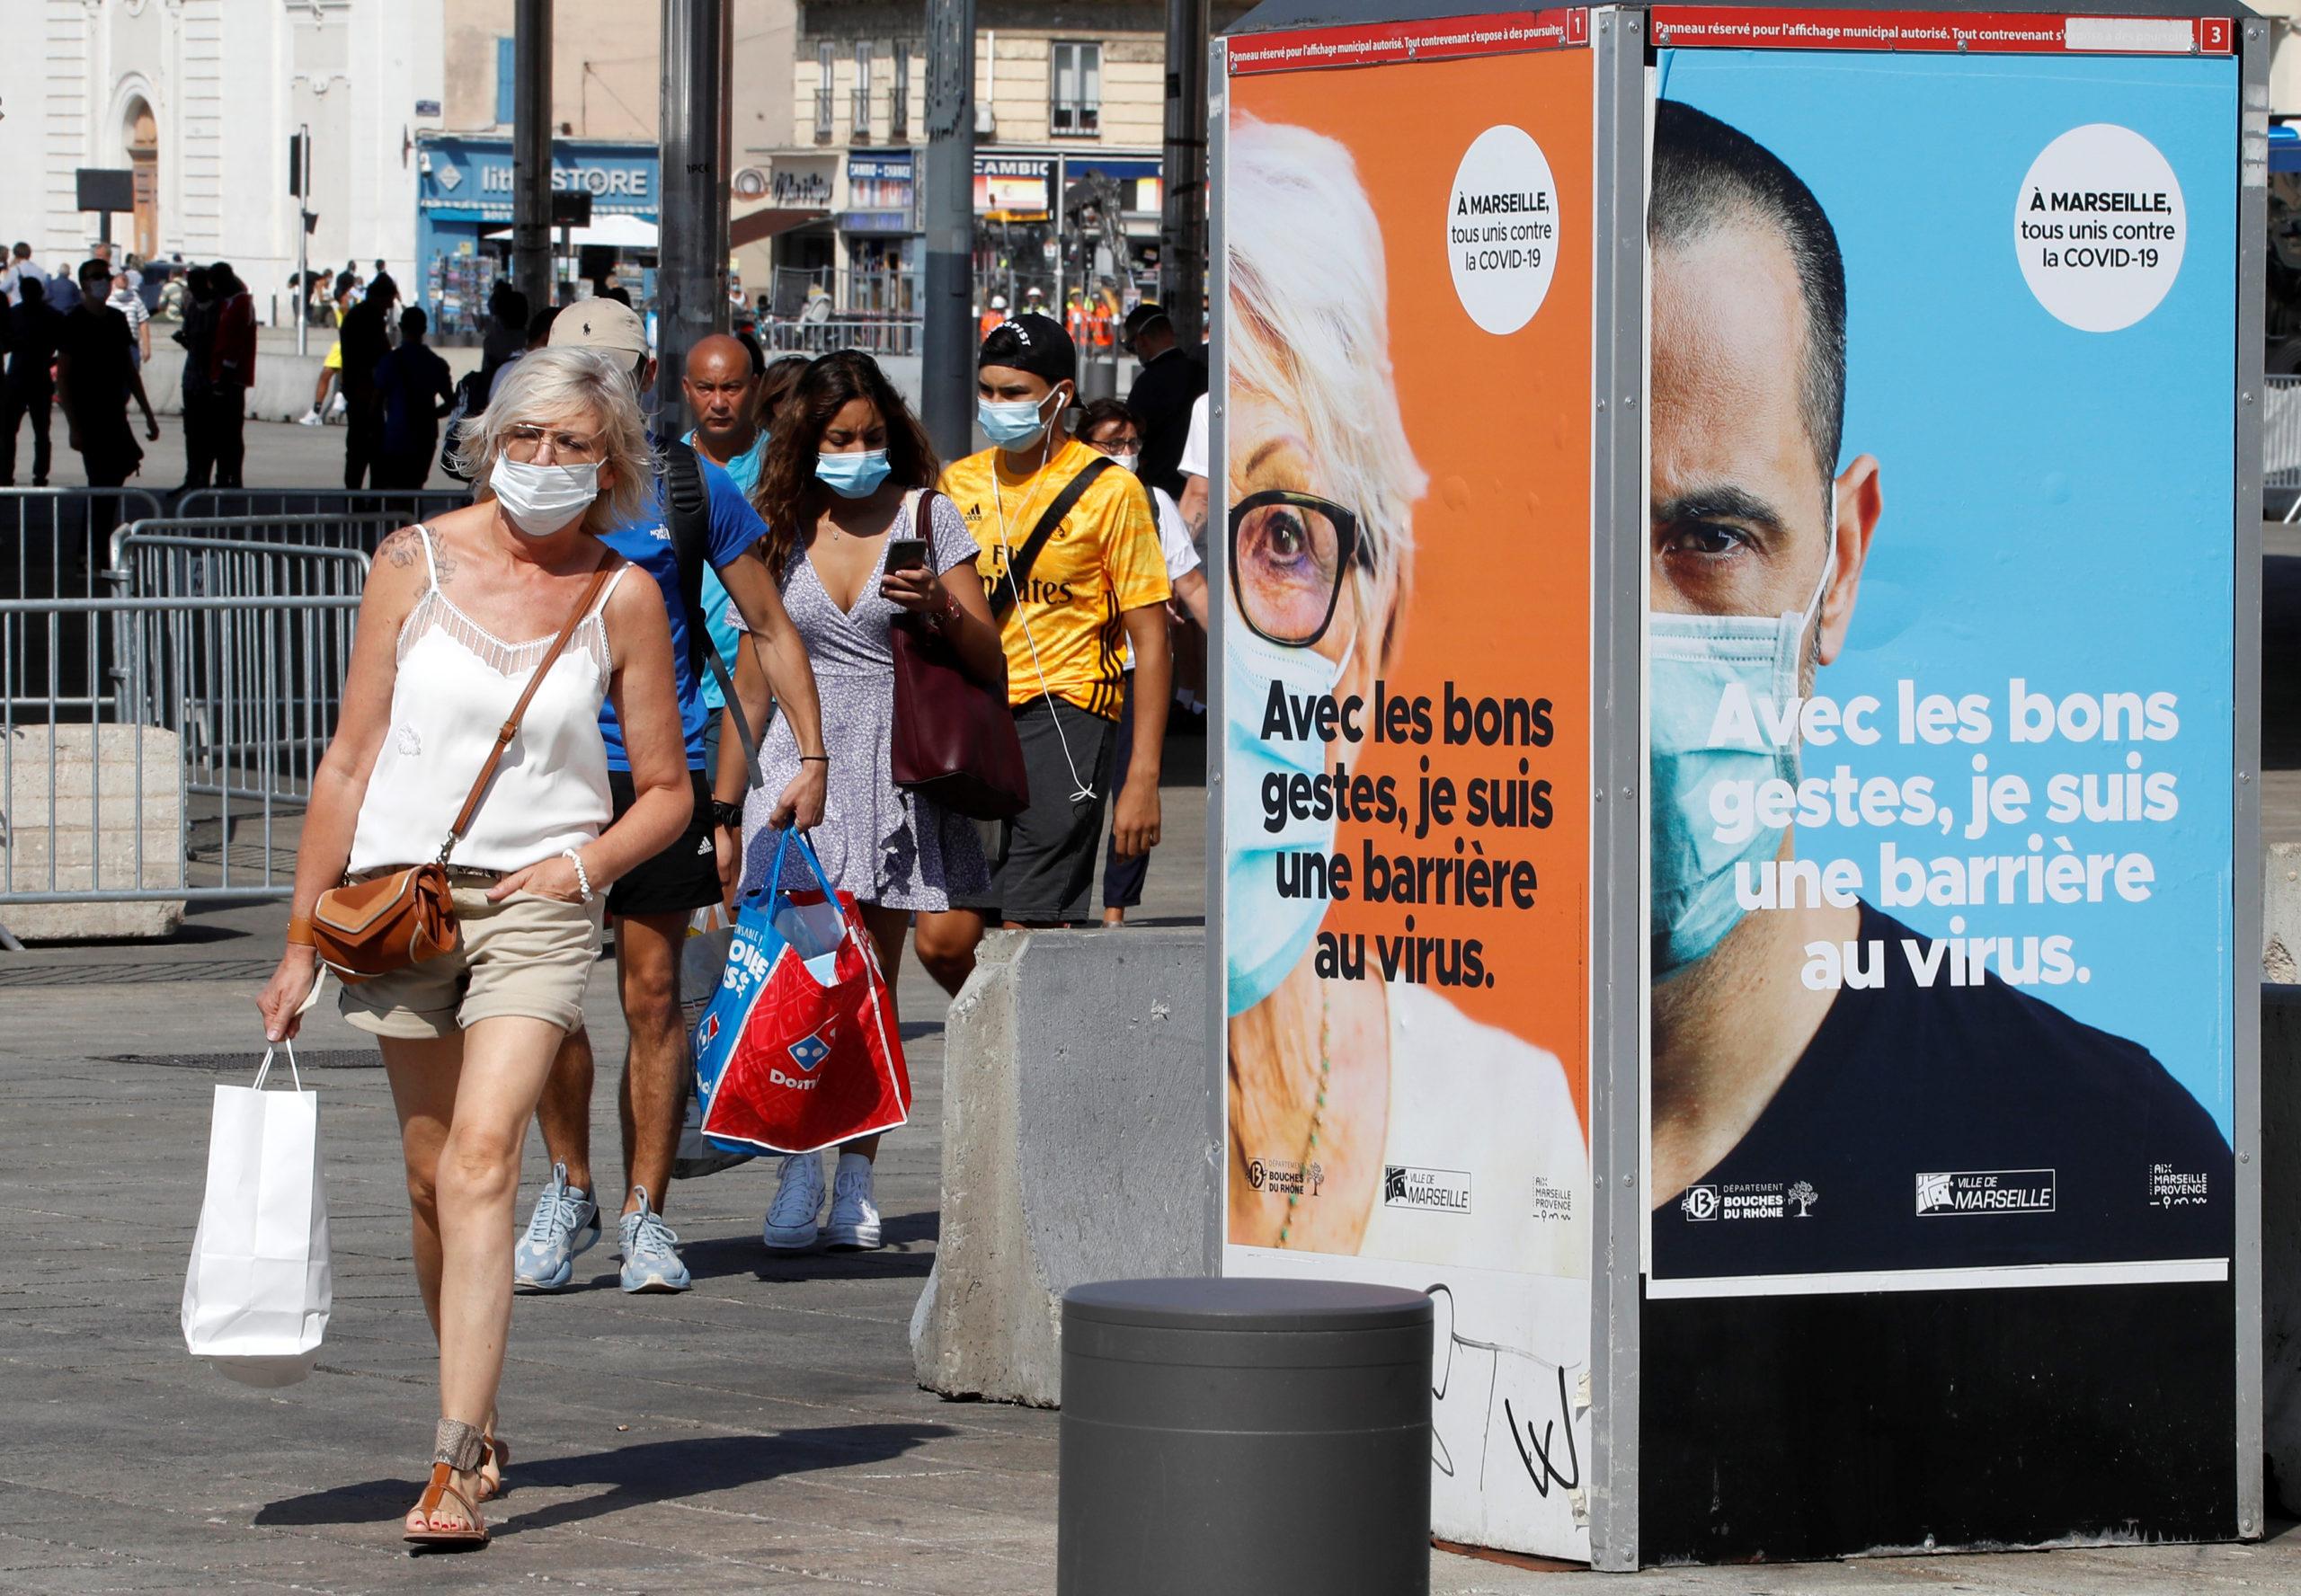 Coronavirus: La France fait état de 10.569 nouvelles infections